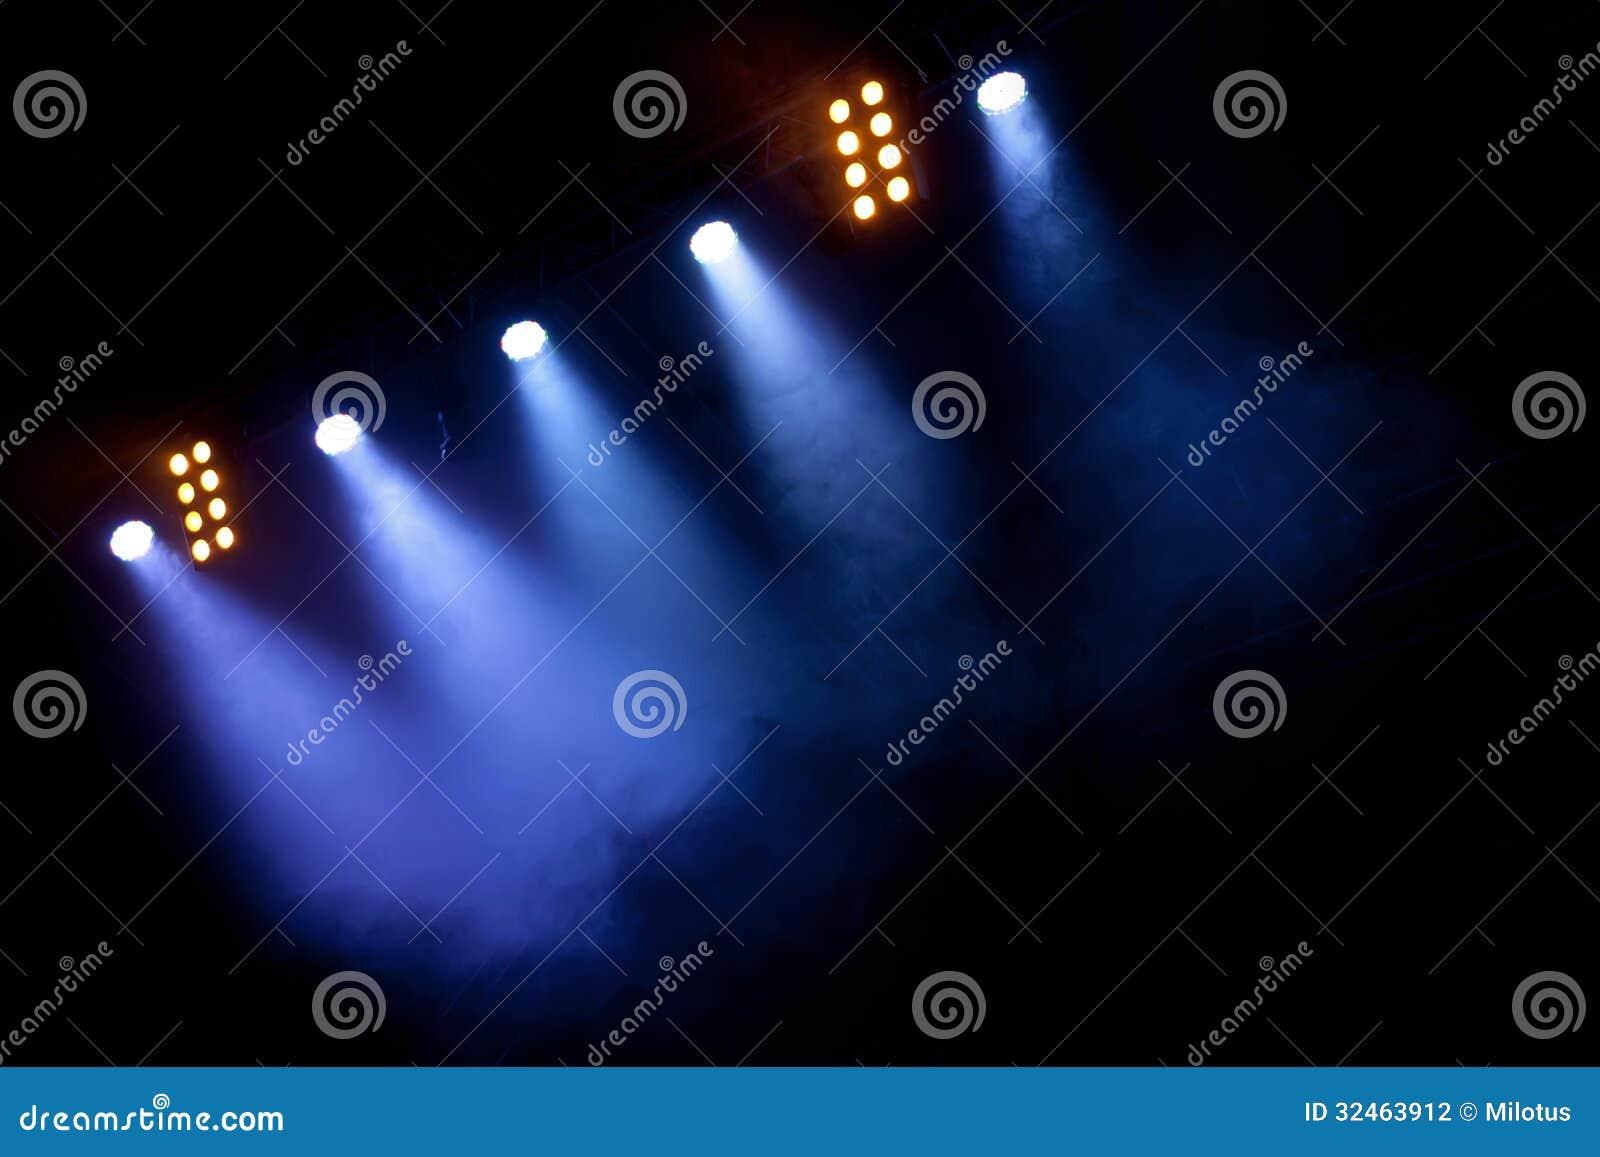 Επίκεντρα στη σκηνή ή τη συναυλία